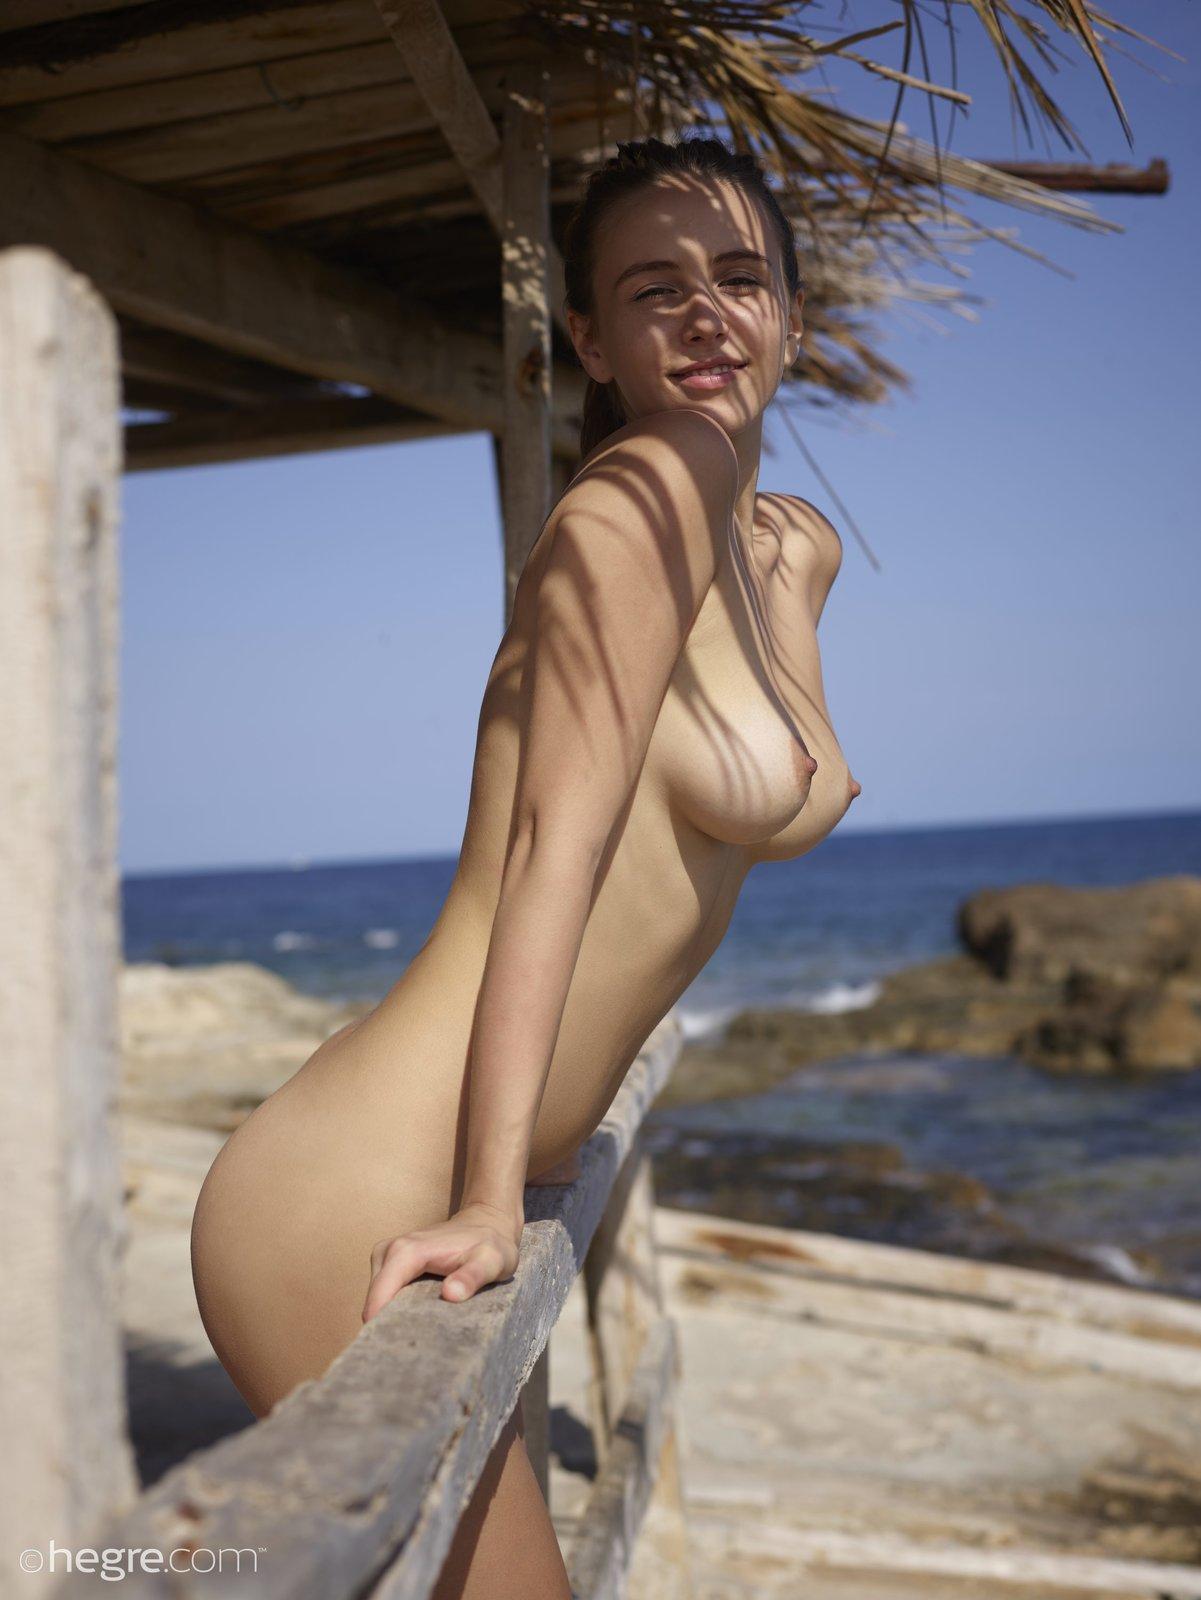 Девка в очках показала красивую натуральную грудь